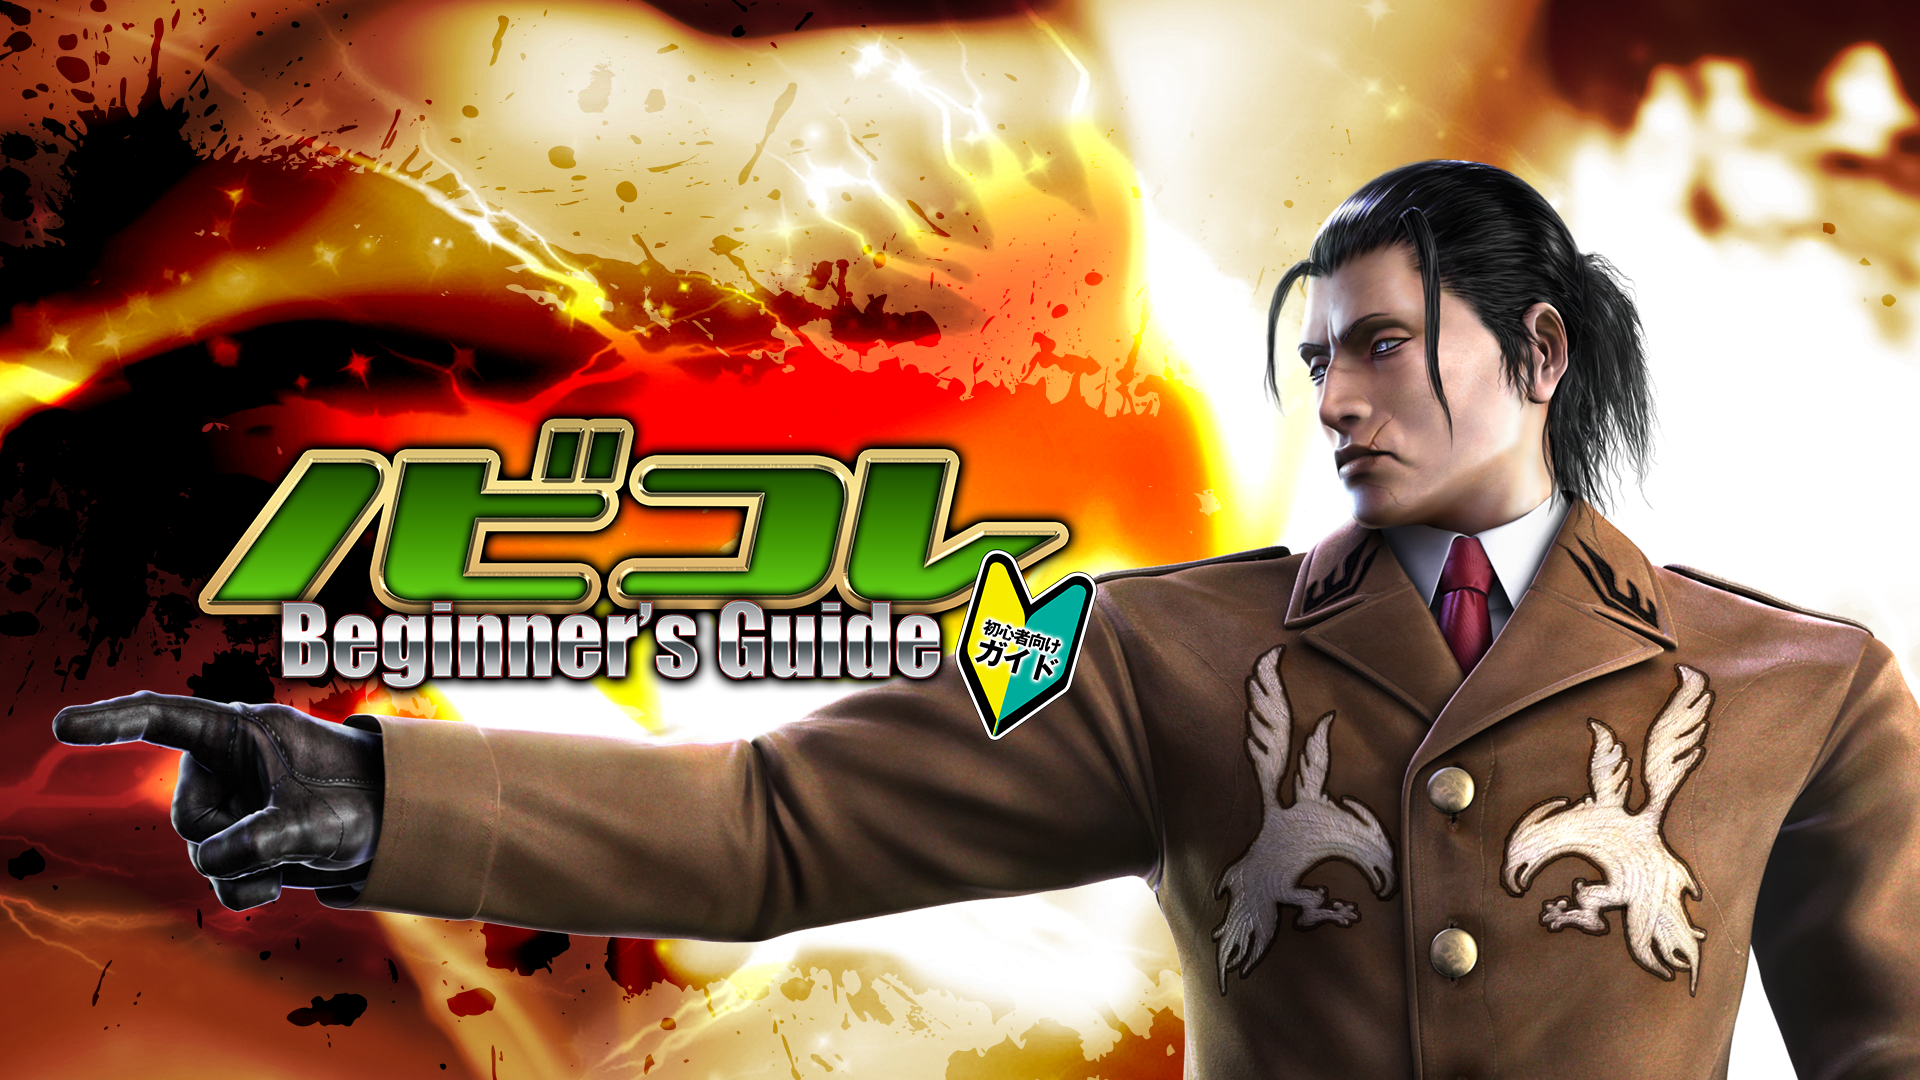 Nobi S Beginner Guide Videos For Tekken 7 News Avoiding The Puddle